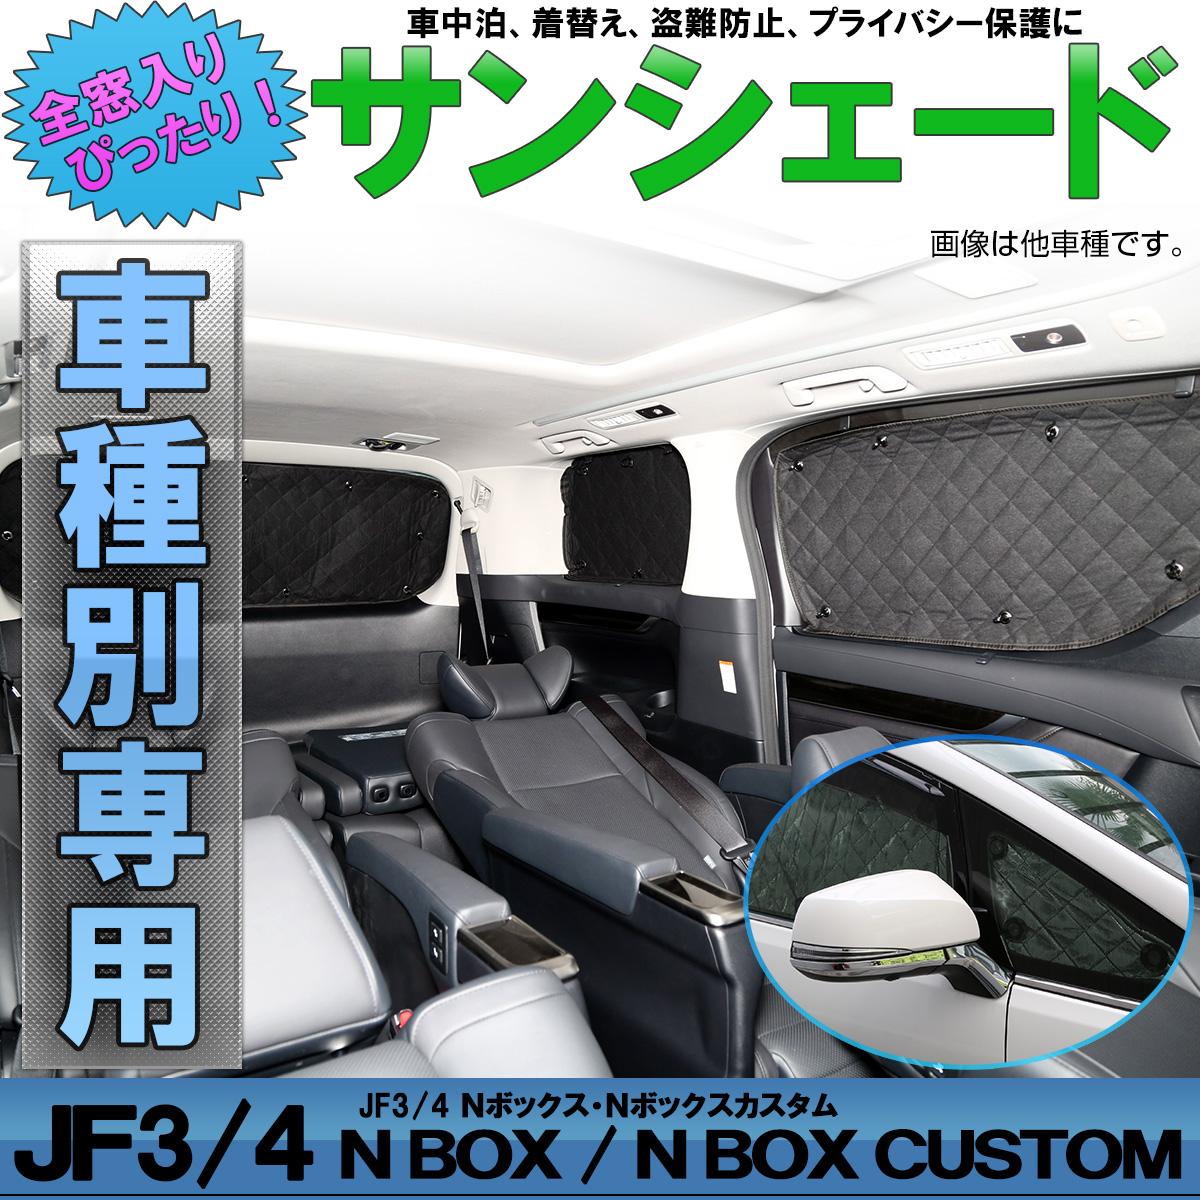 ホンダ JF3 JF4 N ボックス N ボックス カスタム 専用設計 サンシェード 全窓用セット 5層構造 ブラックメッシュ 車中泊 プライバシー保護 S-806